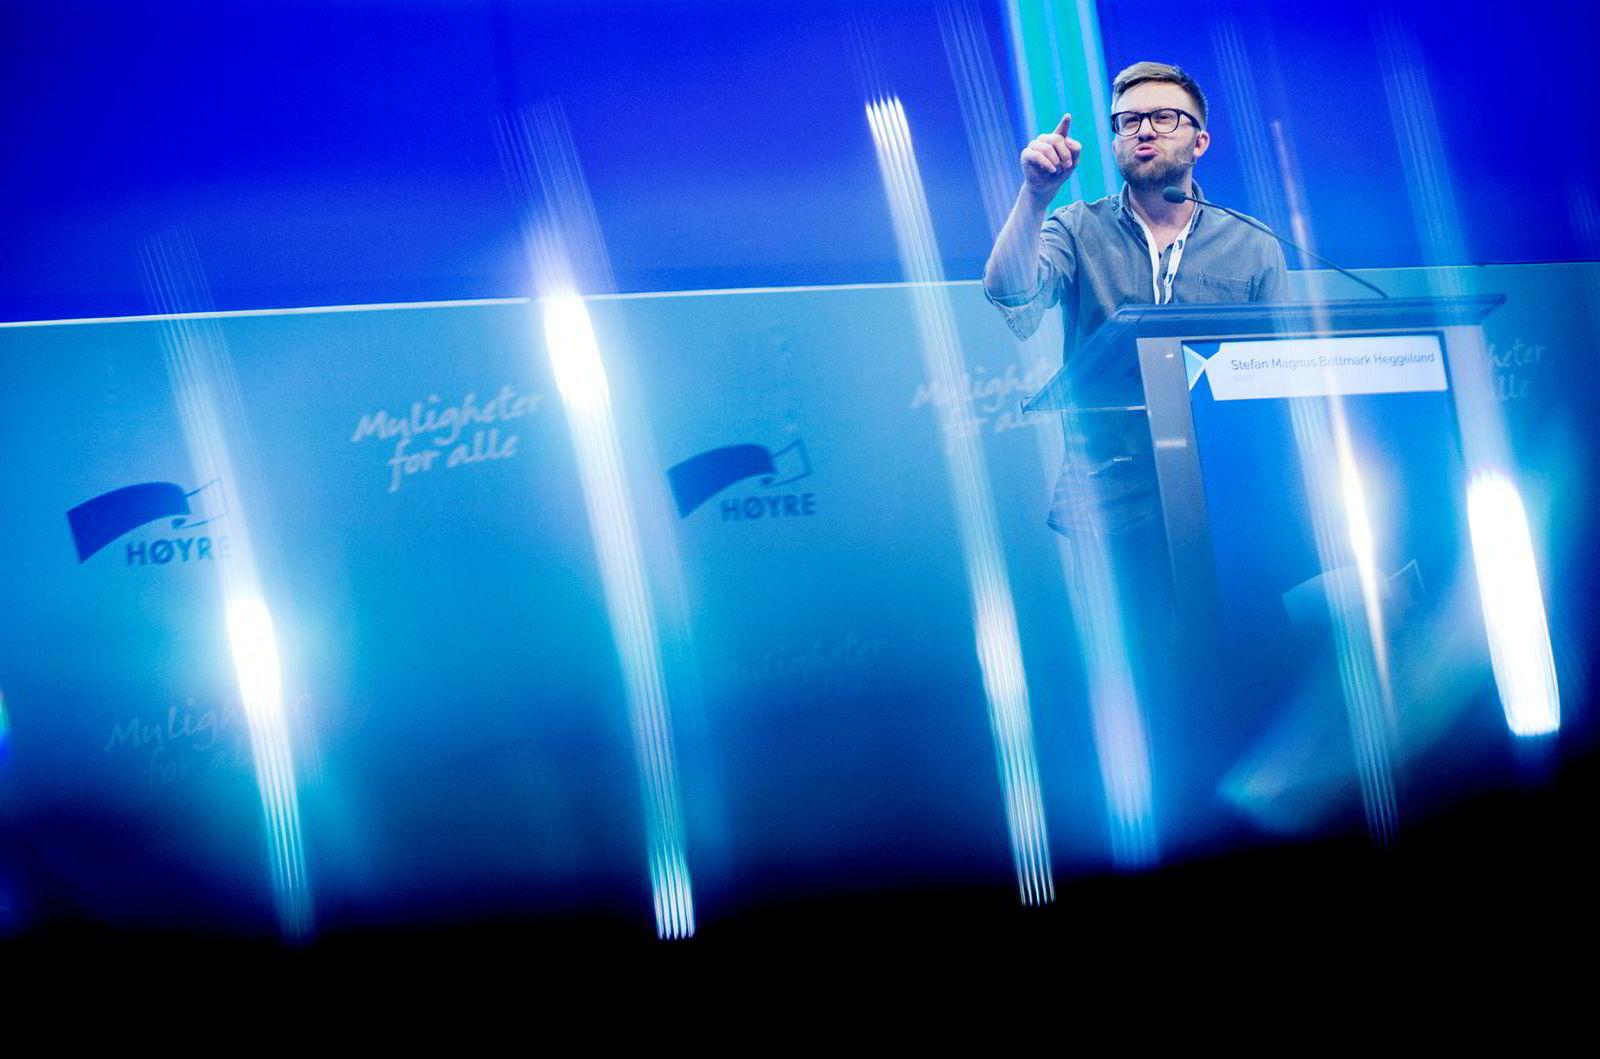 – Equinor har ikke klart å innfri forventningene som ble skapt lokalt, sier Høyre-representant Stefan Heggelund, her under partiets landsmøte.